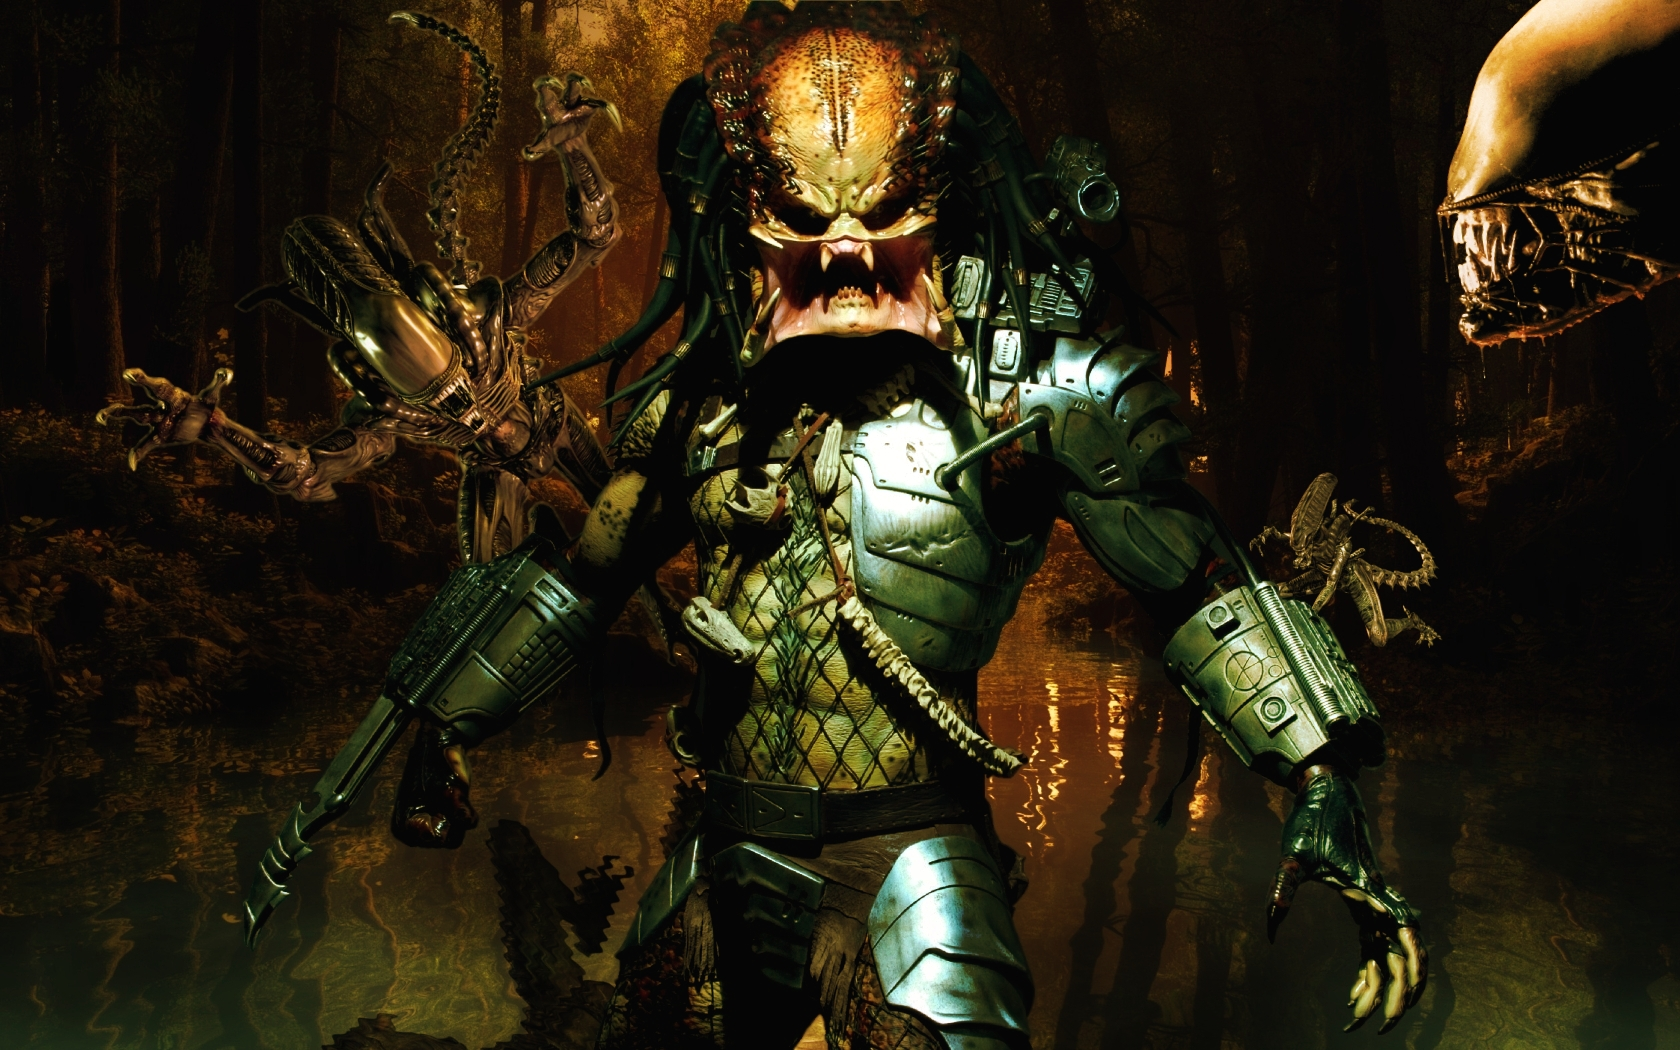 Wallpaper Abyss Explore the Collection Predator Sci Fi Predator 346984 1680x1050